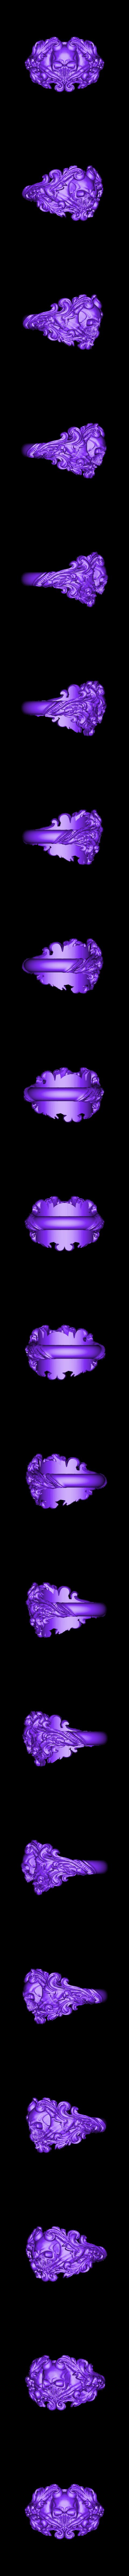 Inner diametr 21mm weight 18gr.obj Download OBJ file Vintage Ring • 3D print template, Roman_Kharikov